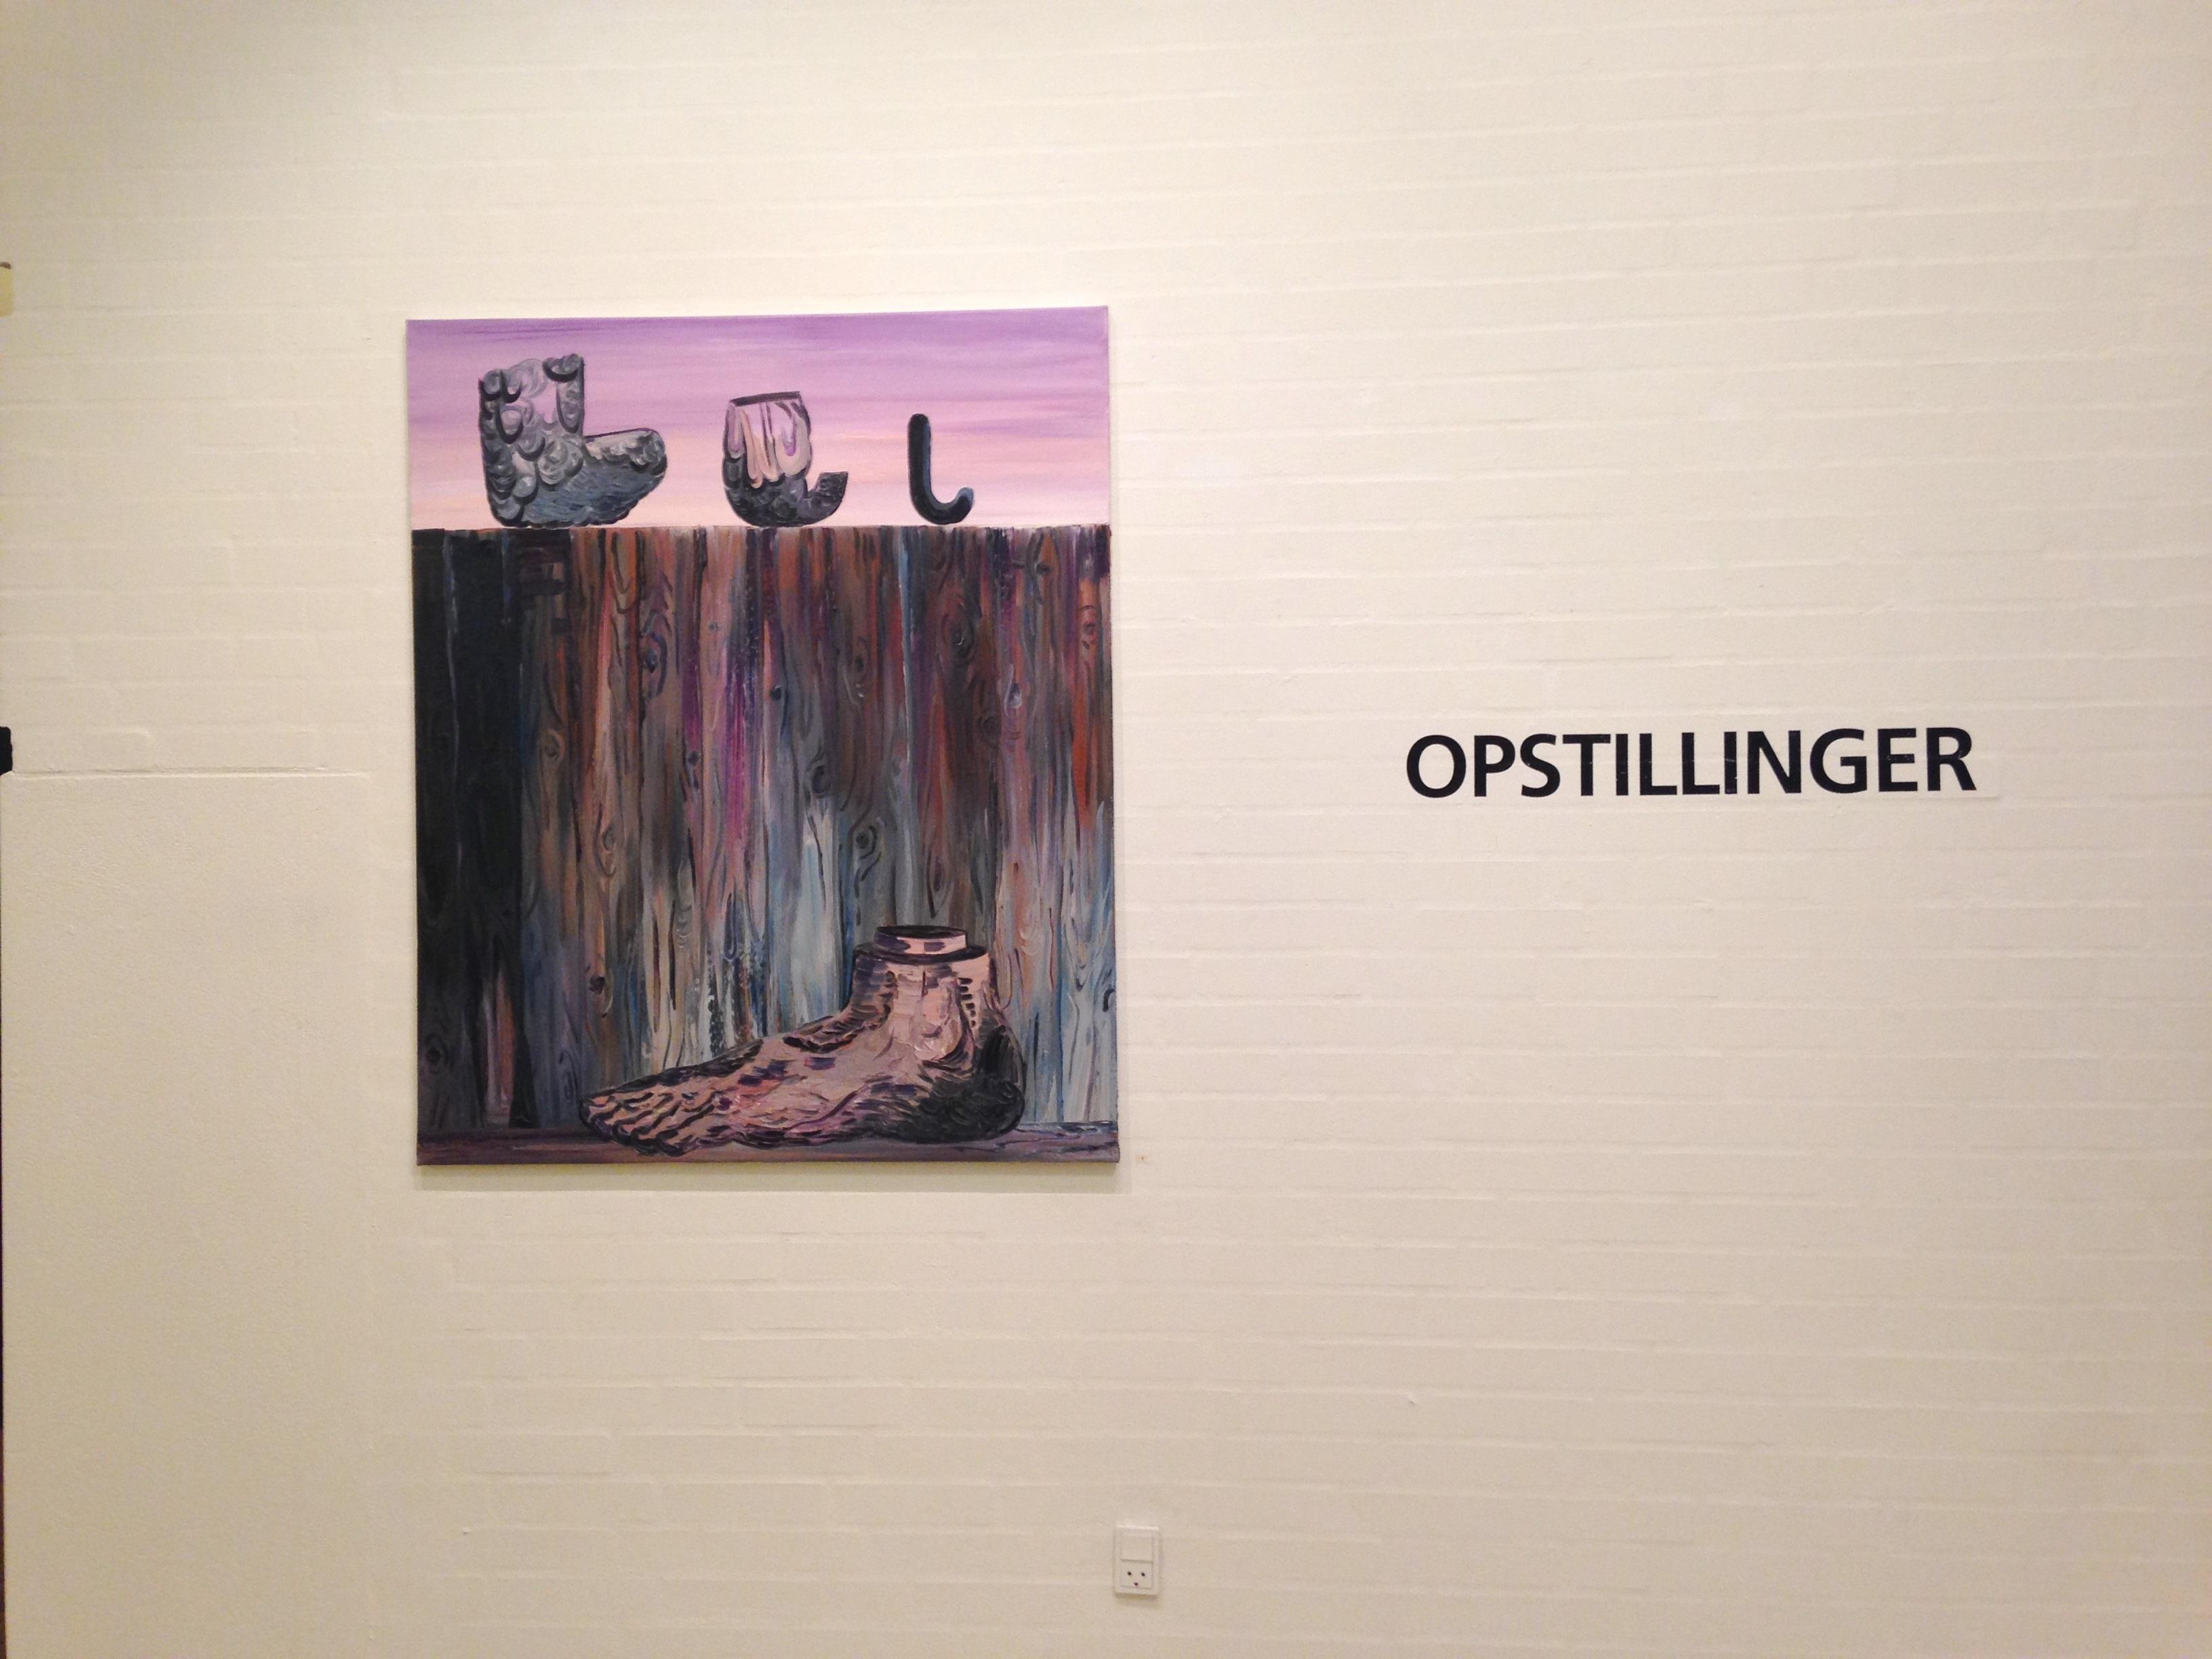 Opstillinger, 2014